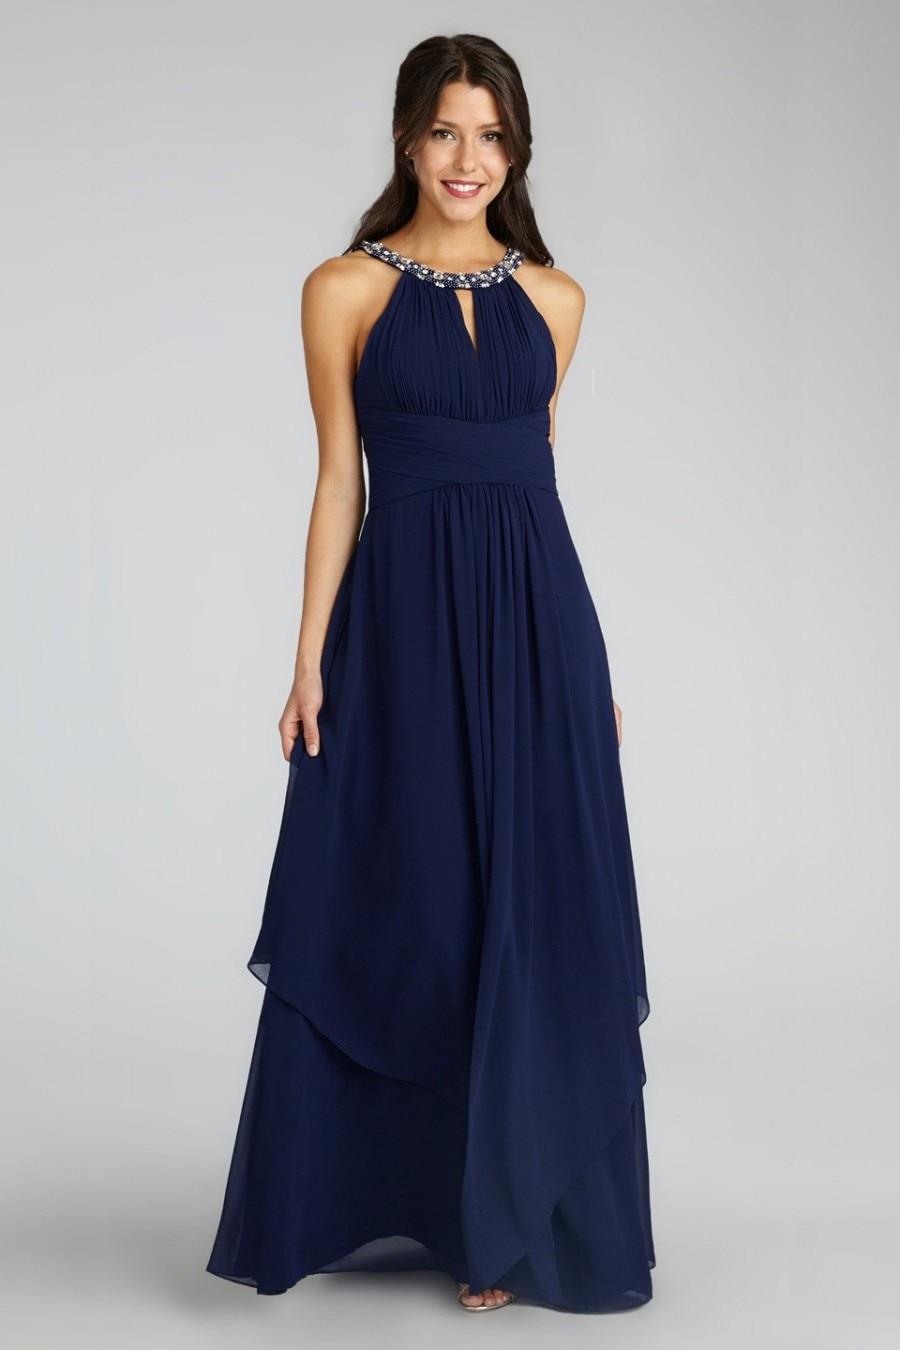 Con Cuentas Escote Criada De Las Novias Vestidos Azul Marino